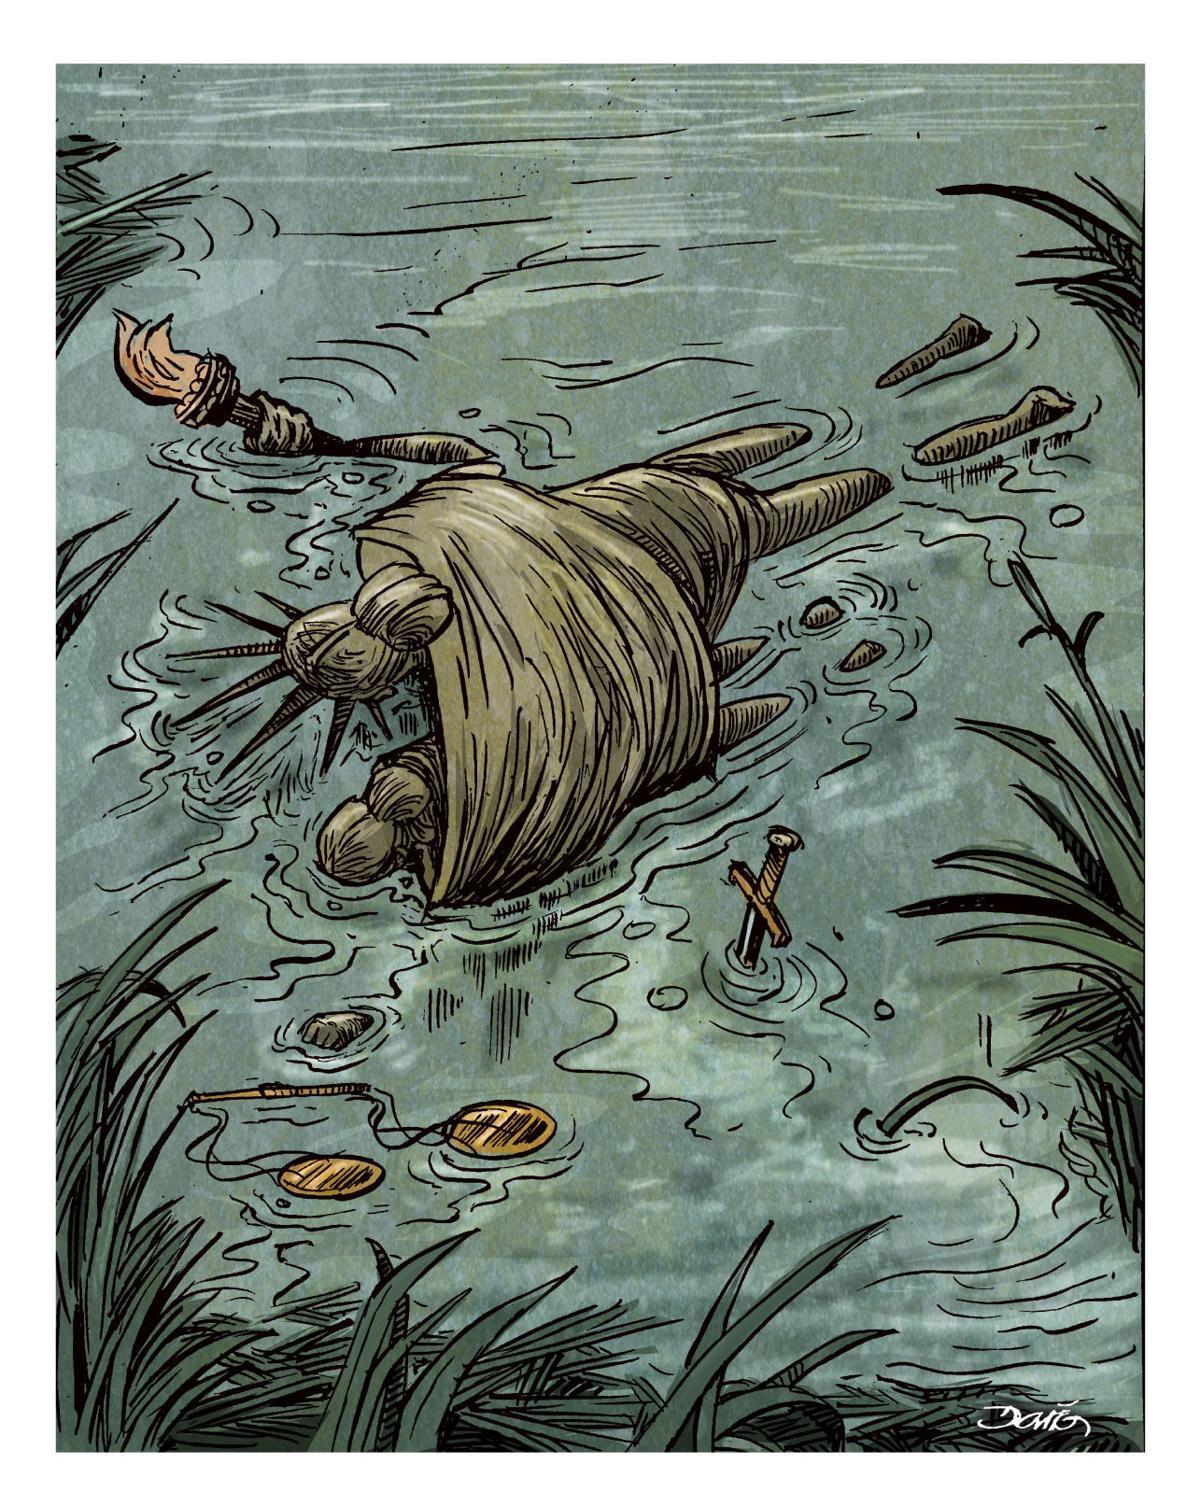 art_drowning_dario